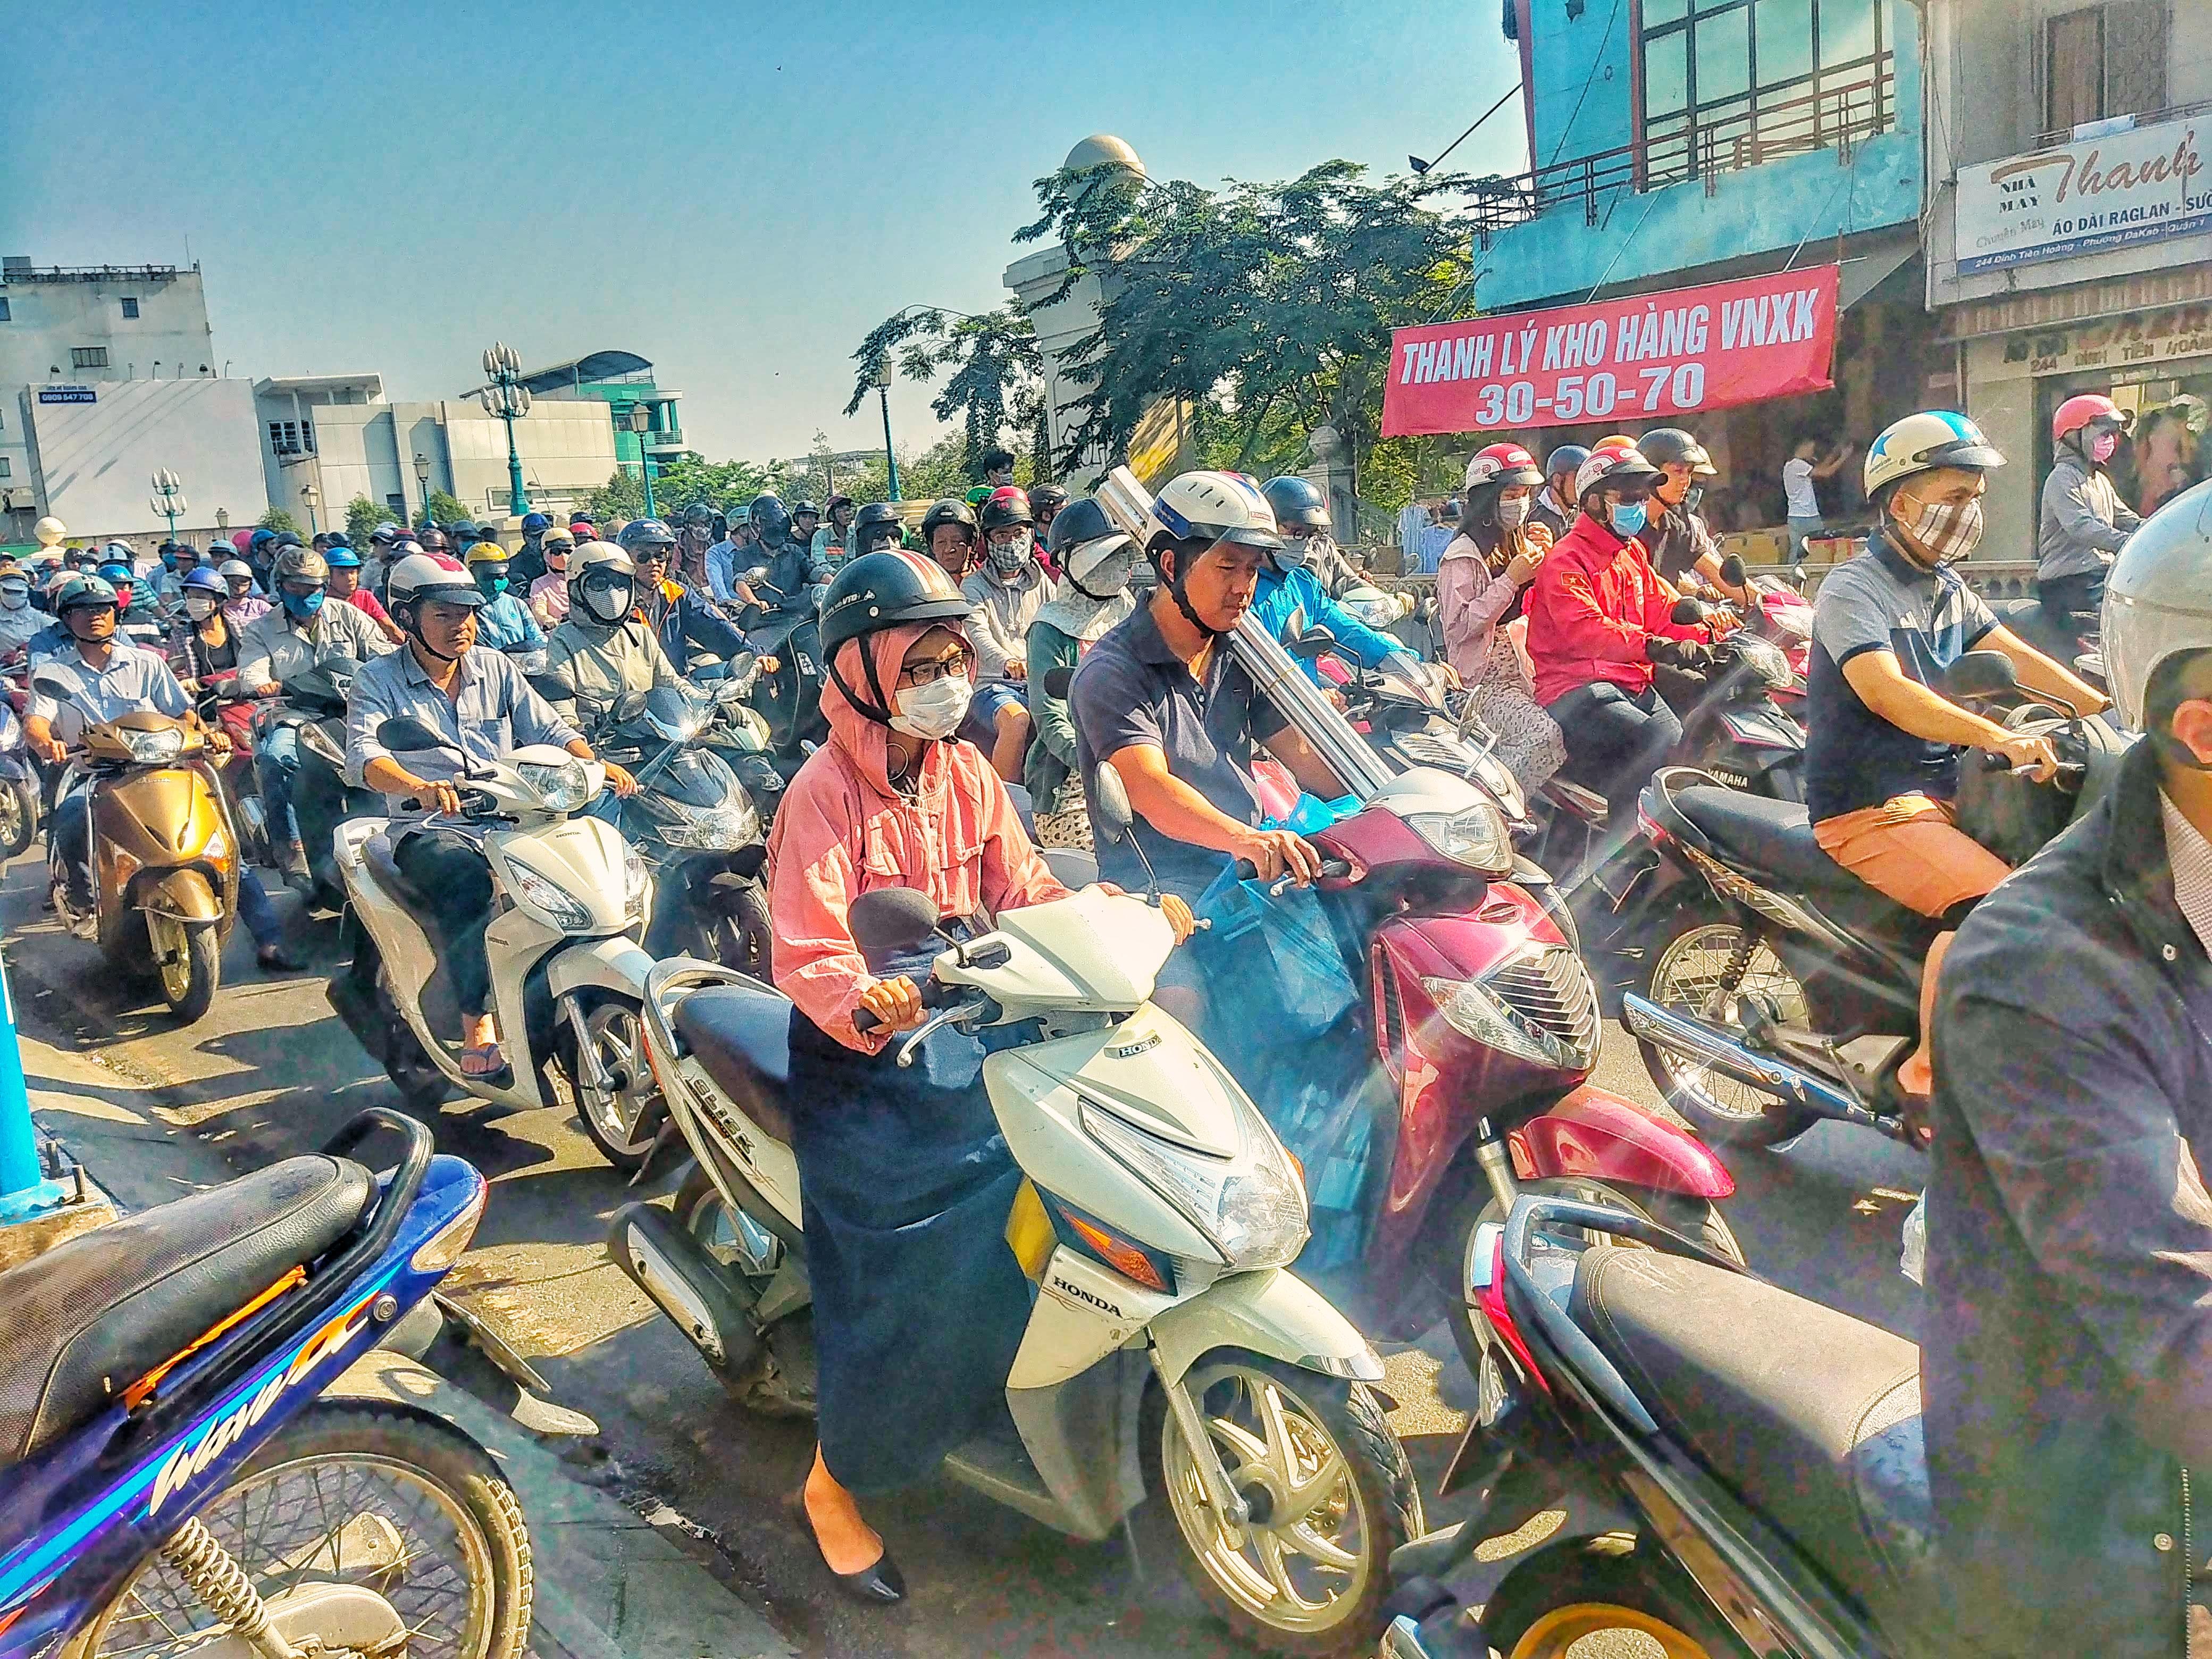 Scooters in Vietnam